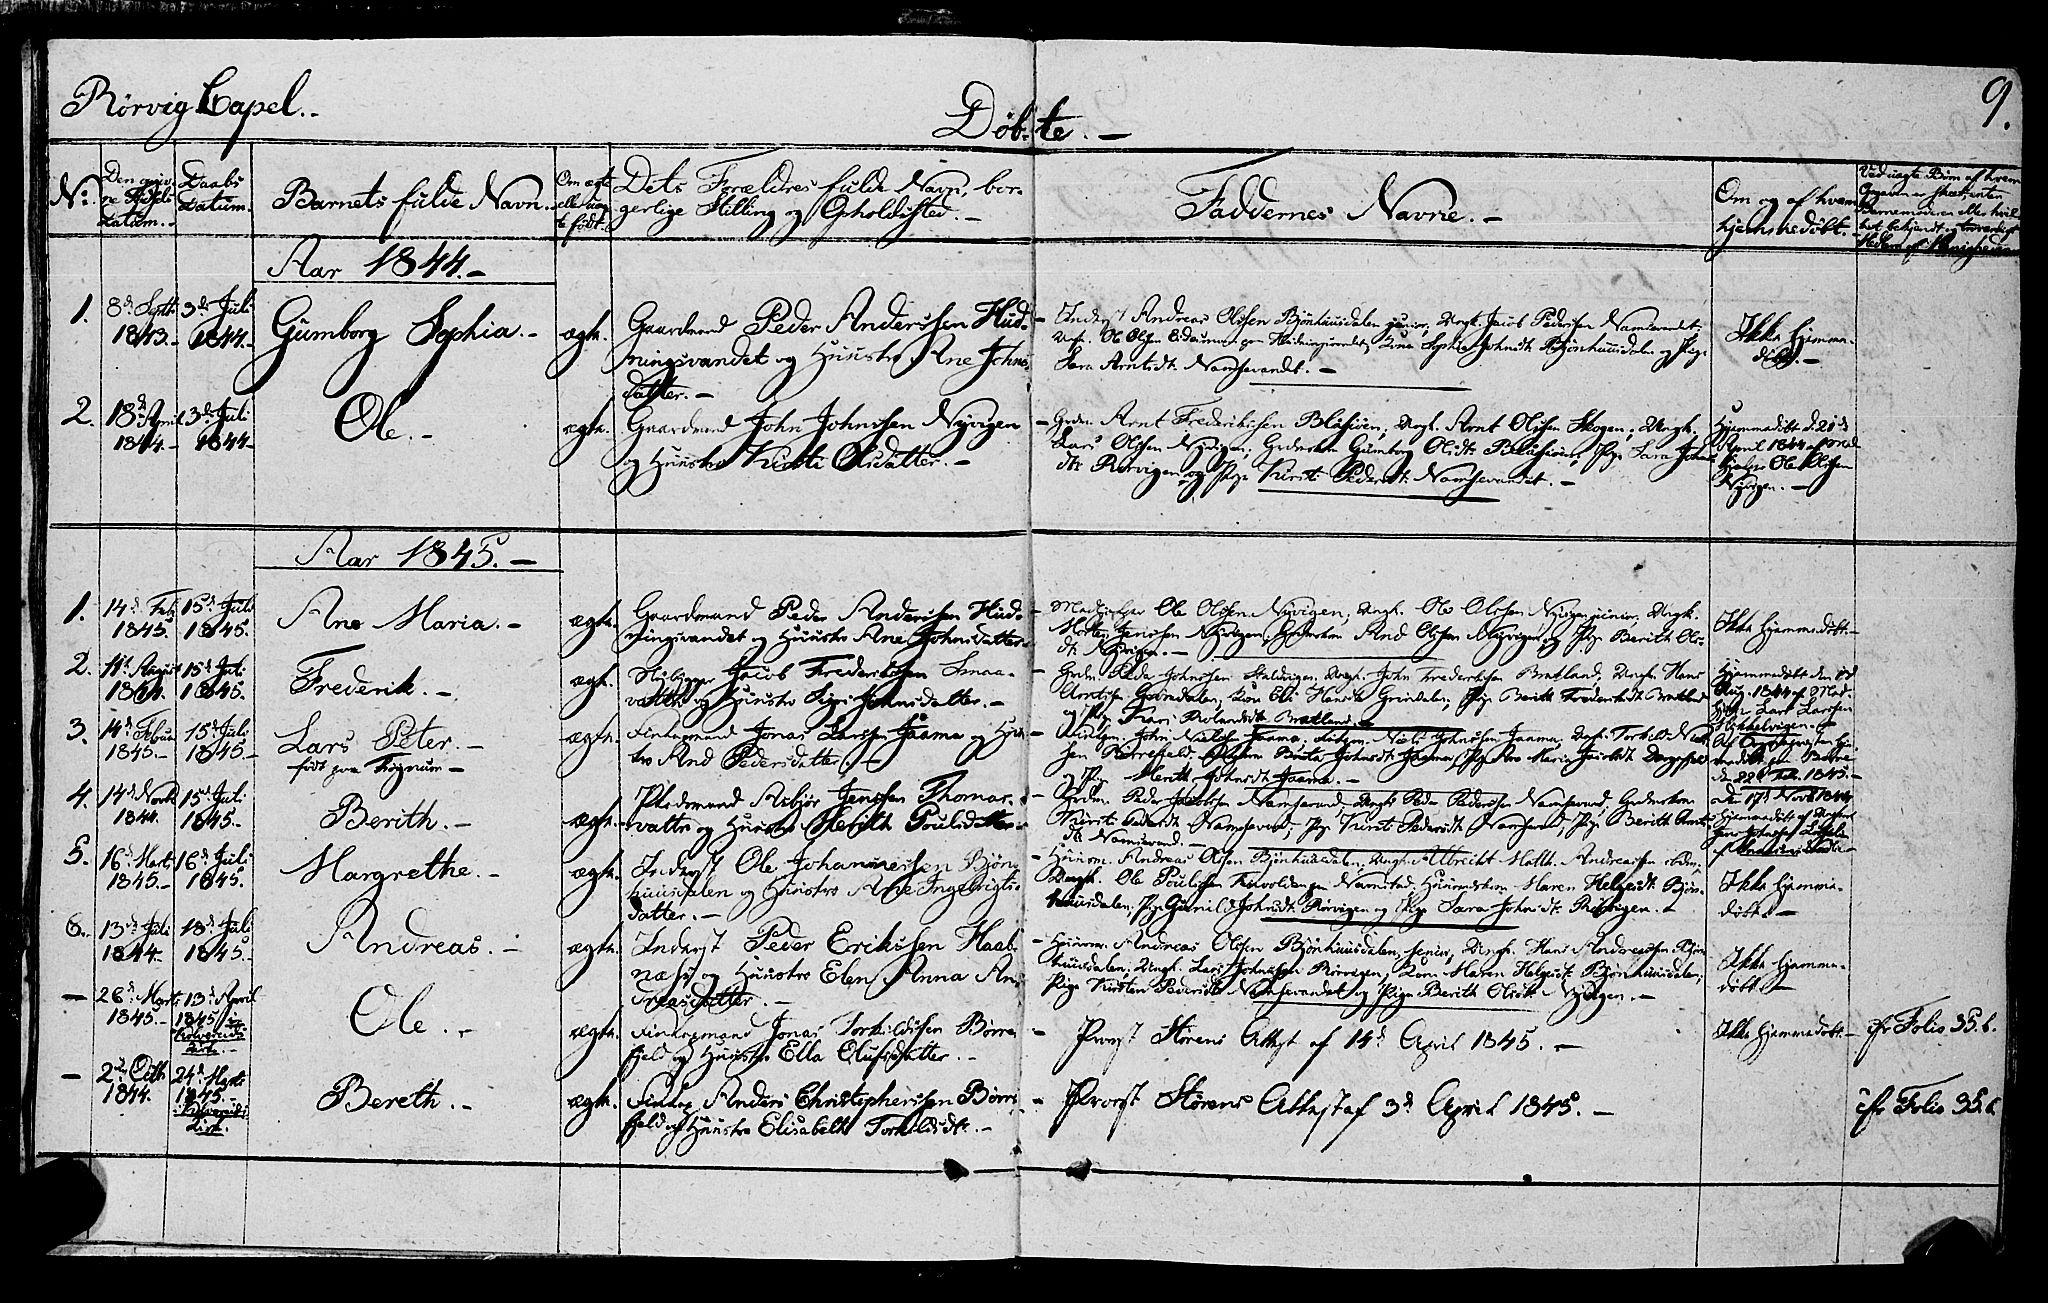 SAT, Ministerialprotokoller, klokkerbøker og fødselsregistre - Nord-Trøndelag, 762/L0538: Ministerialbok nr. 762A02 /1, 1833-1879, s. 9